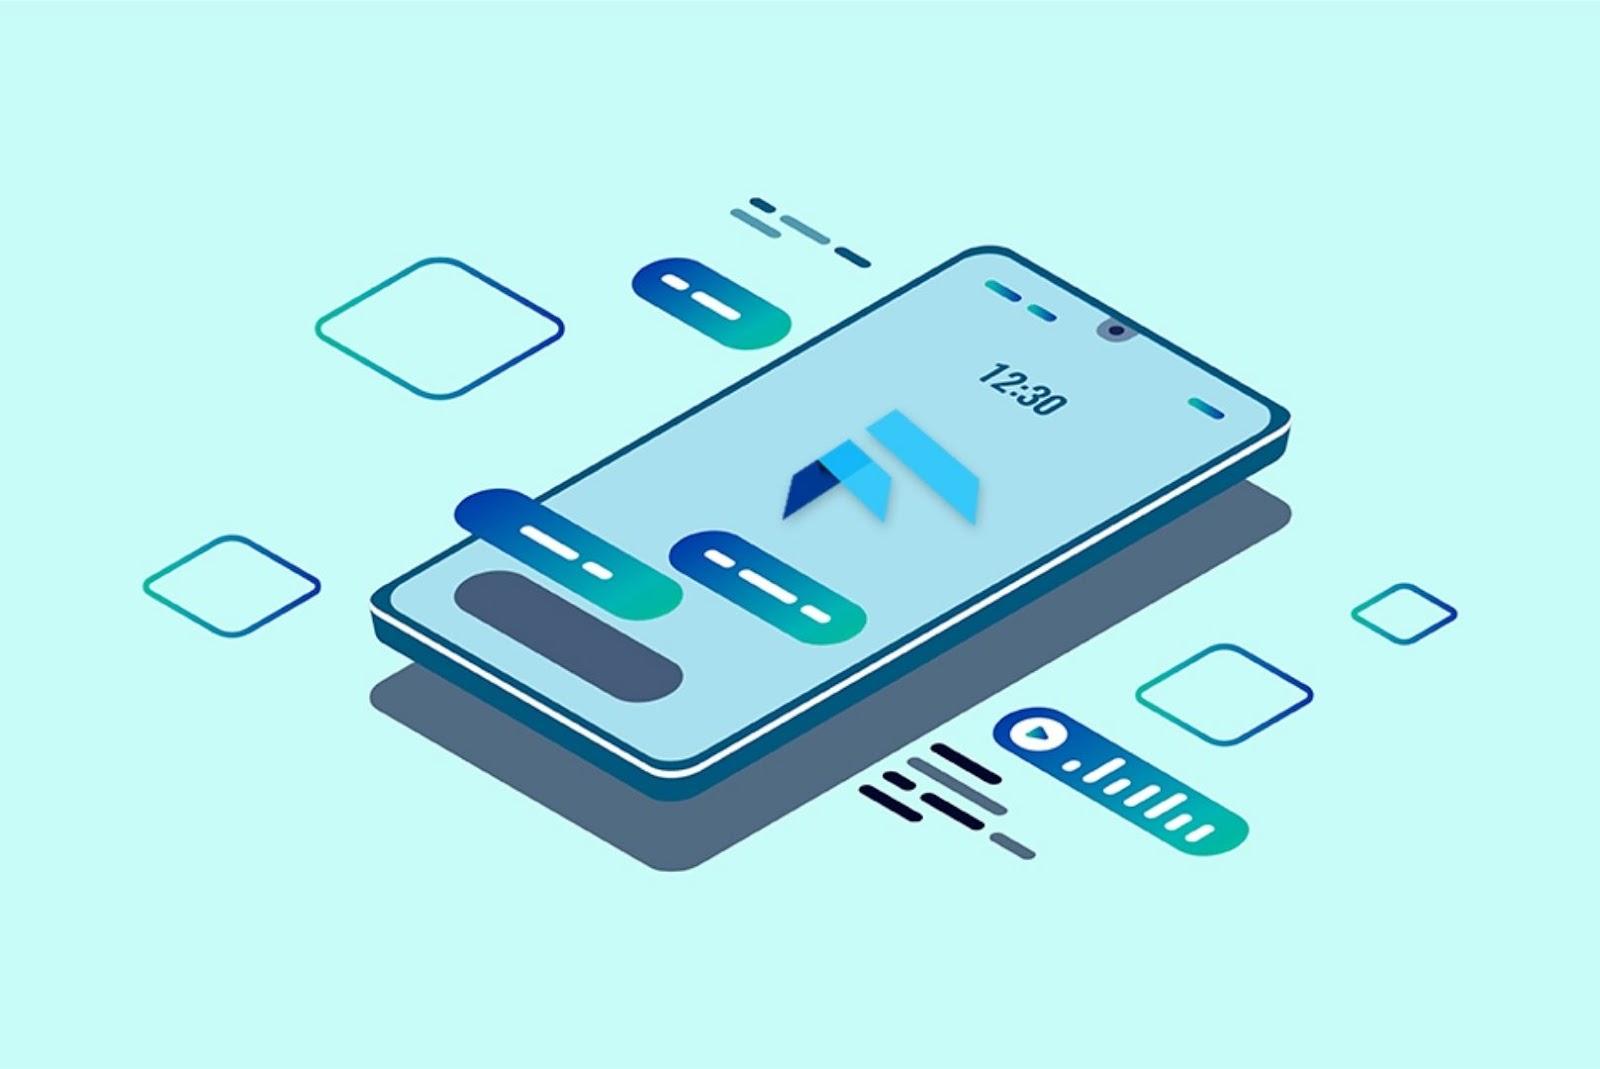 Cross-platform apps makes flutter